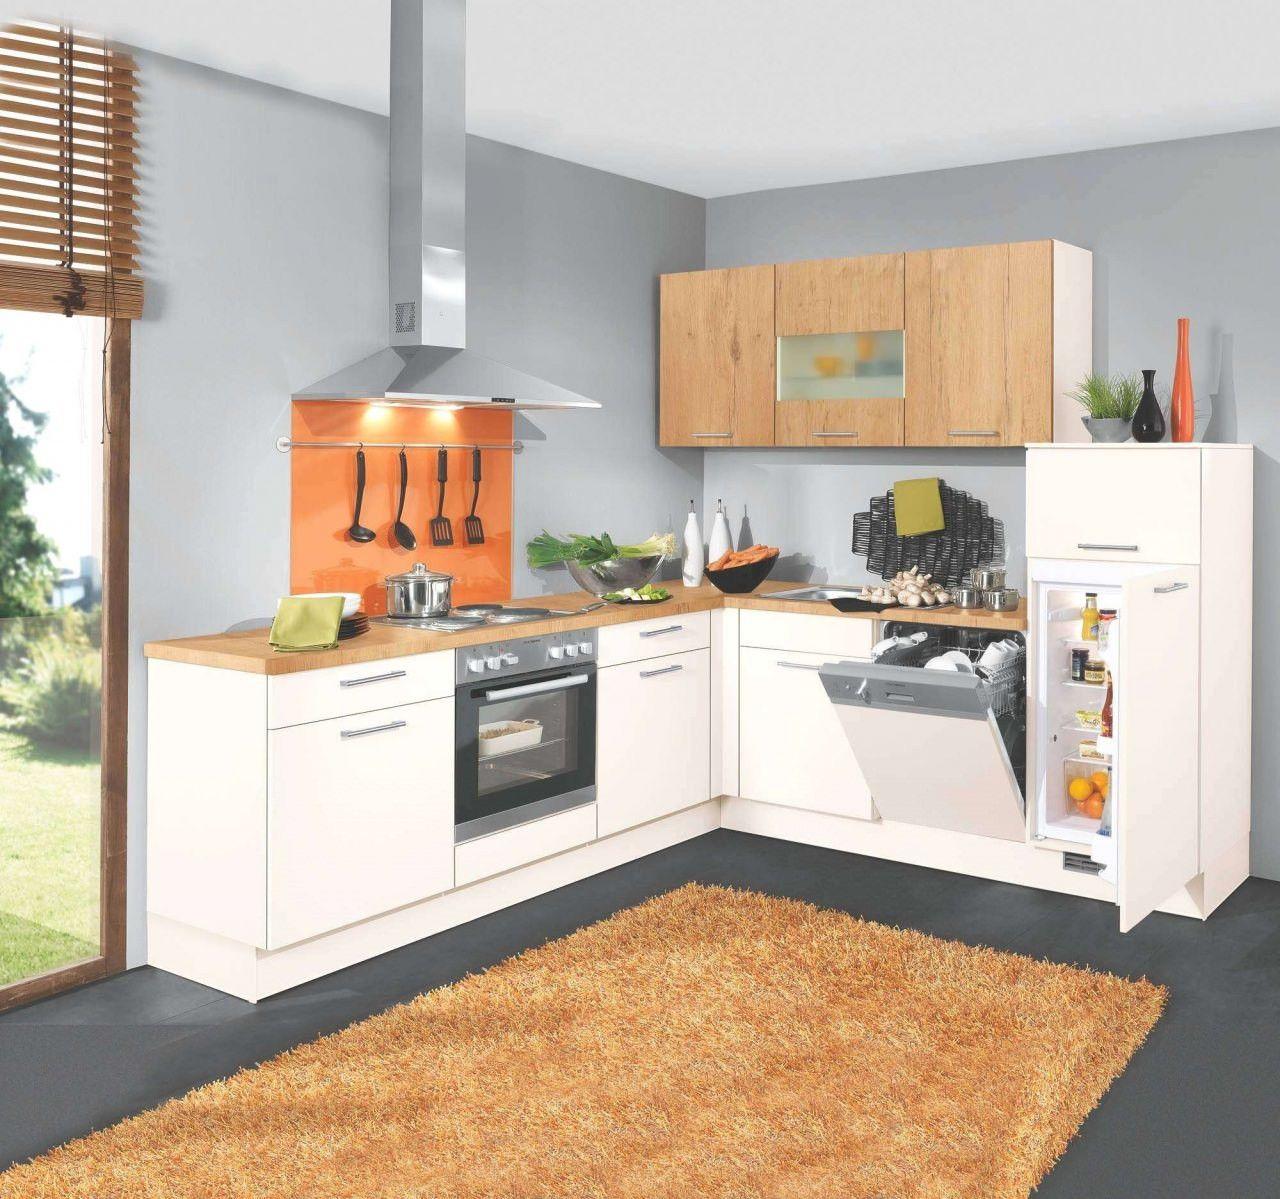 Kuchenschranke Ikea Beautiful Ikea Kuchenschranke Weiss Kuche De Paris In 2020 Kuchen Renovieren Ideen Kuchen Design Kuche Renovieren